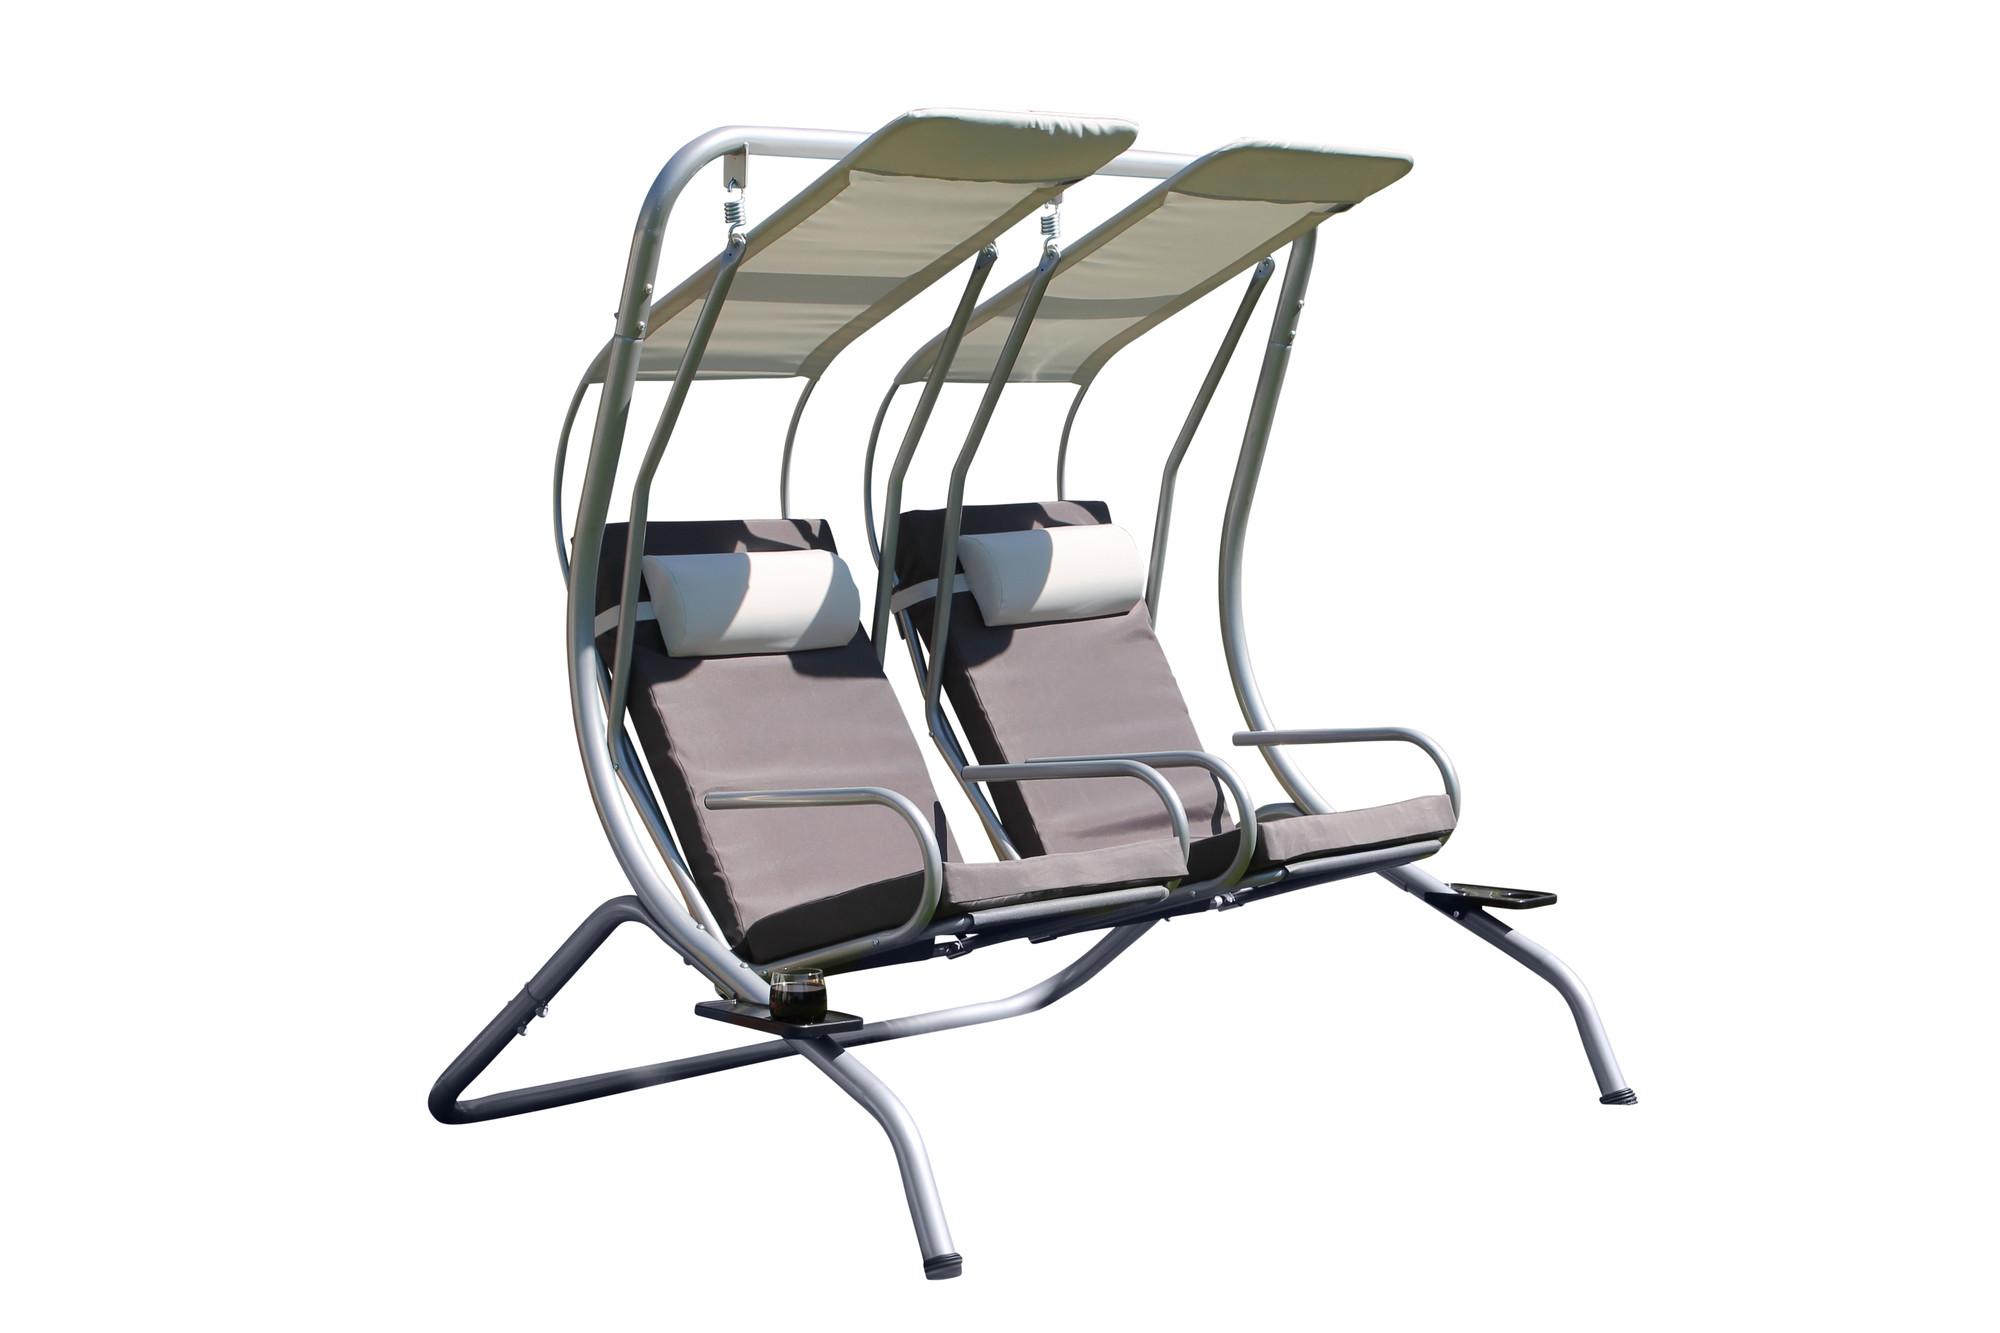 Van Wohi Leco dubbele schommelstoel Modena (36300 114) Prijsvergelijk nu!